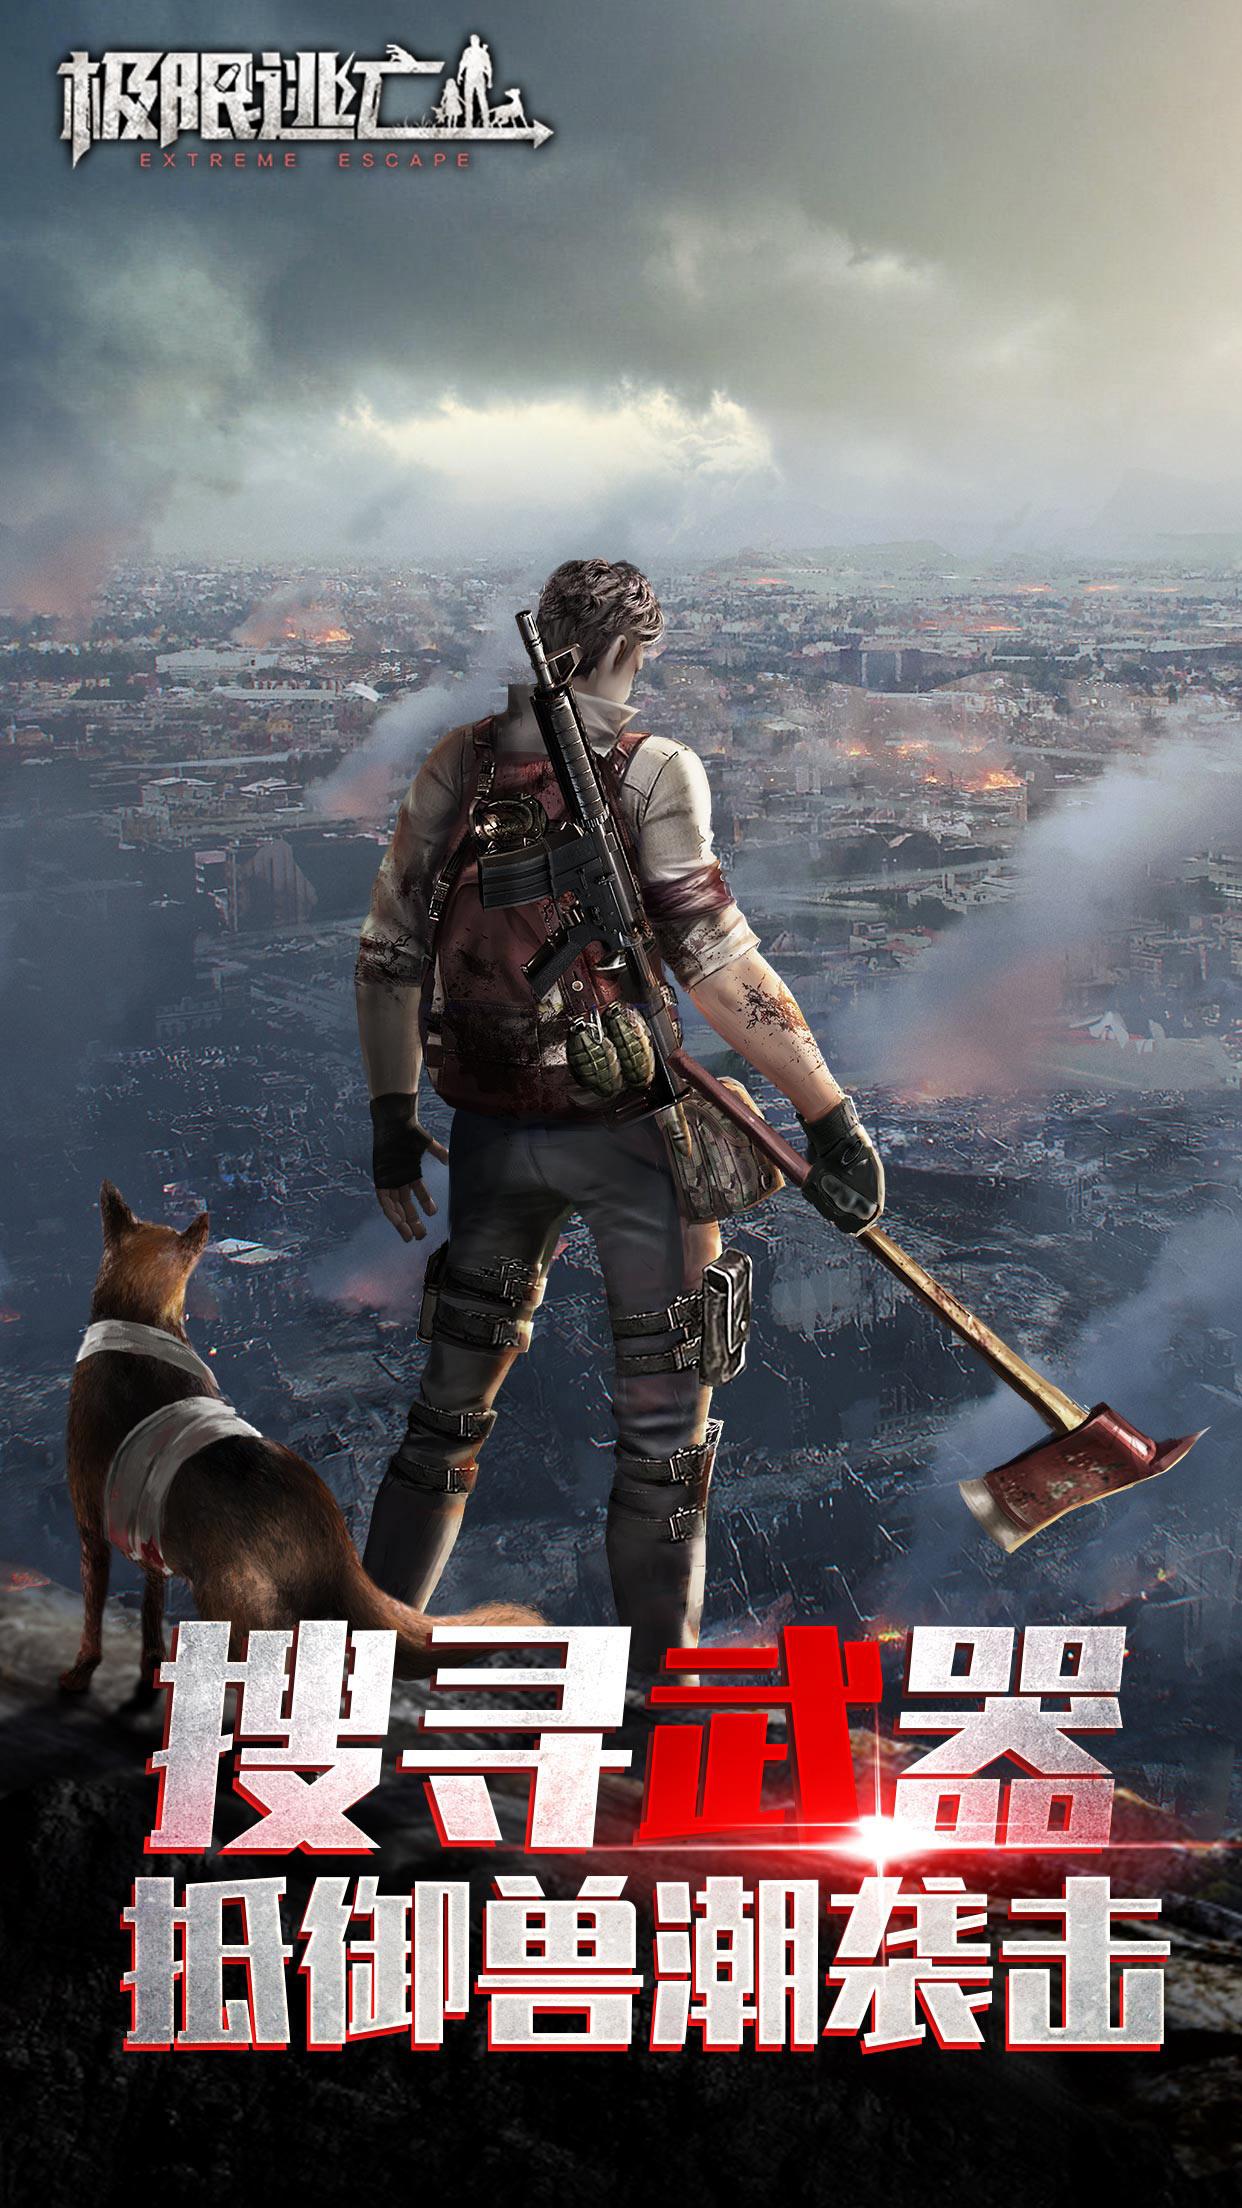 末日生存《极限逃亡》游戏截图欣赏